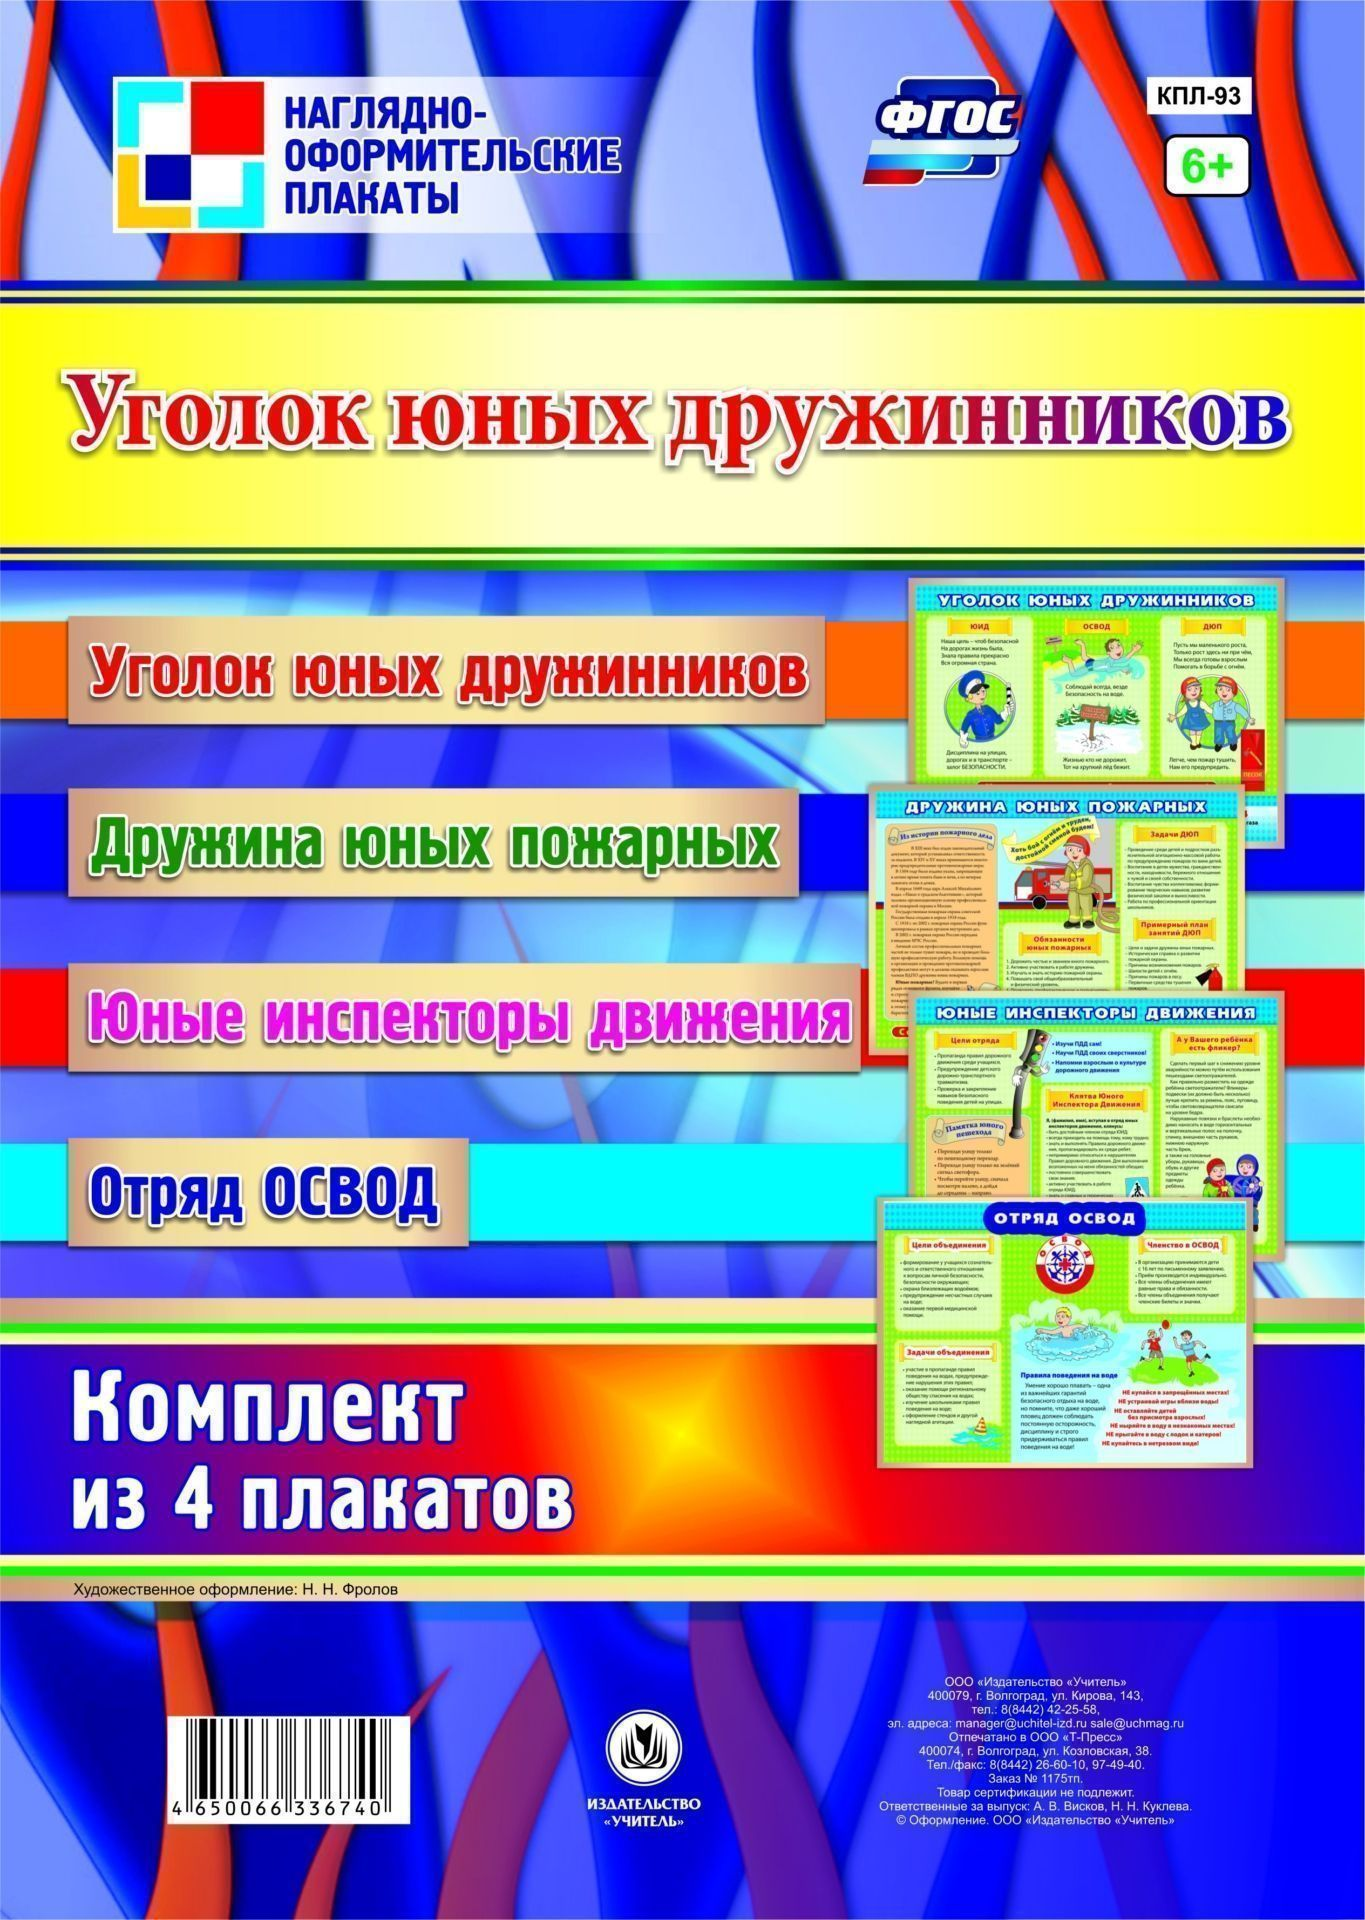 Комплект плакатов Уголок юных дружинников: 4 плакатаТематические плакаты<br>.<br><br>Год: 2017<br>Серия: Наглядно-оформительские плакаты<br>Высота: 297<br>Ширина: 420